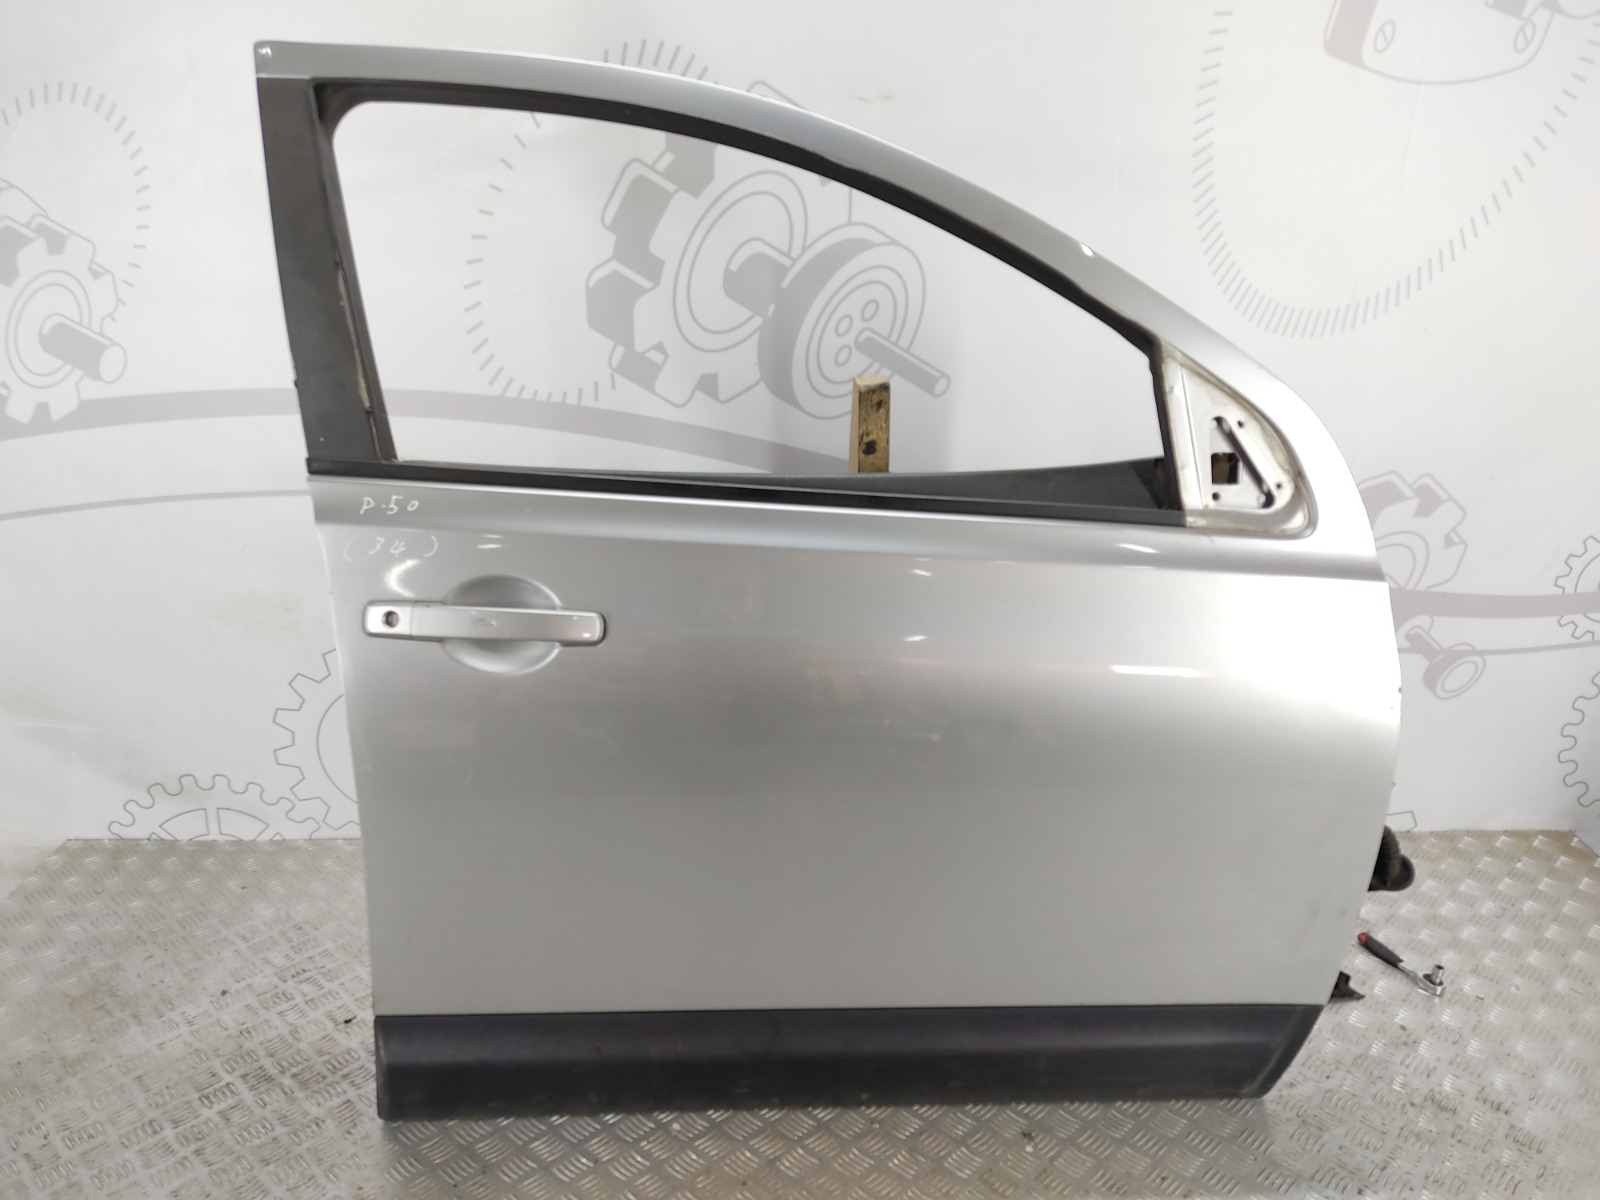 Дверь передняя правая Nissan Qashqai 2.0 DCI 2008 (б/у)